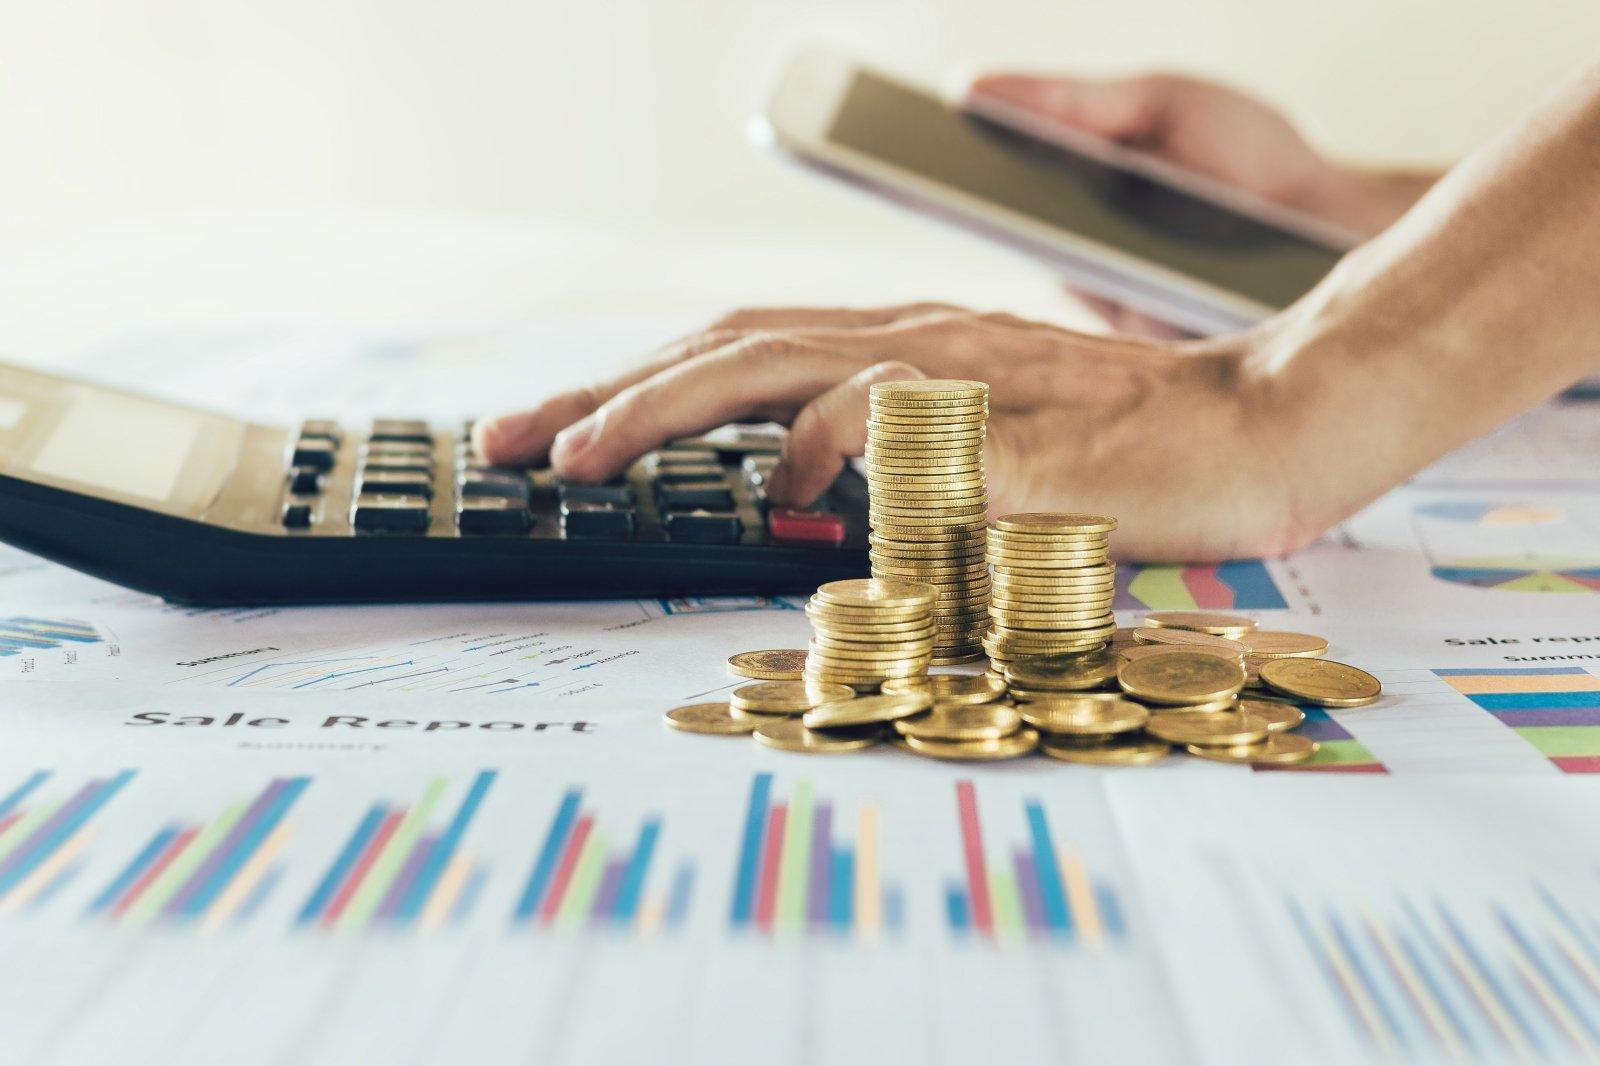 prekyba purnova palūkanų normomis darbas nuo 14 metų be investicijų